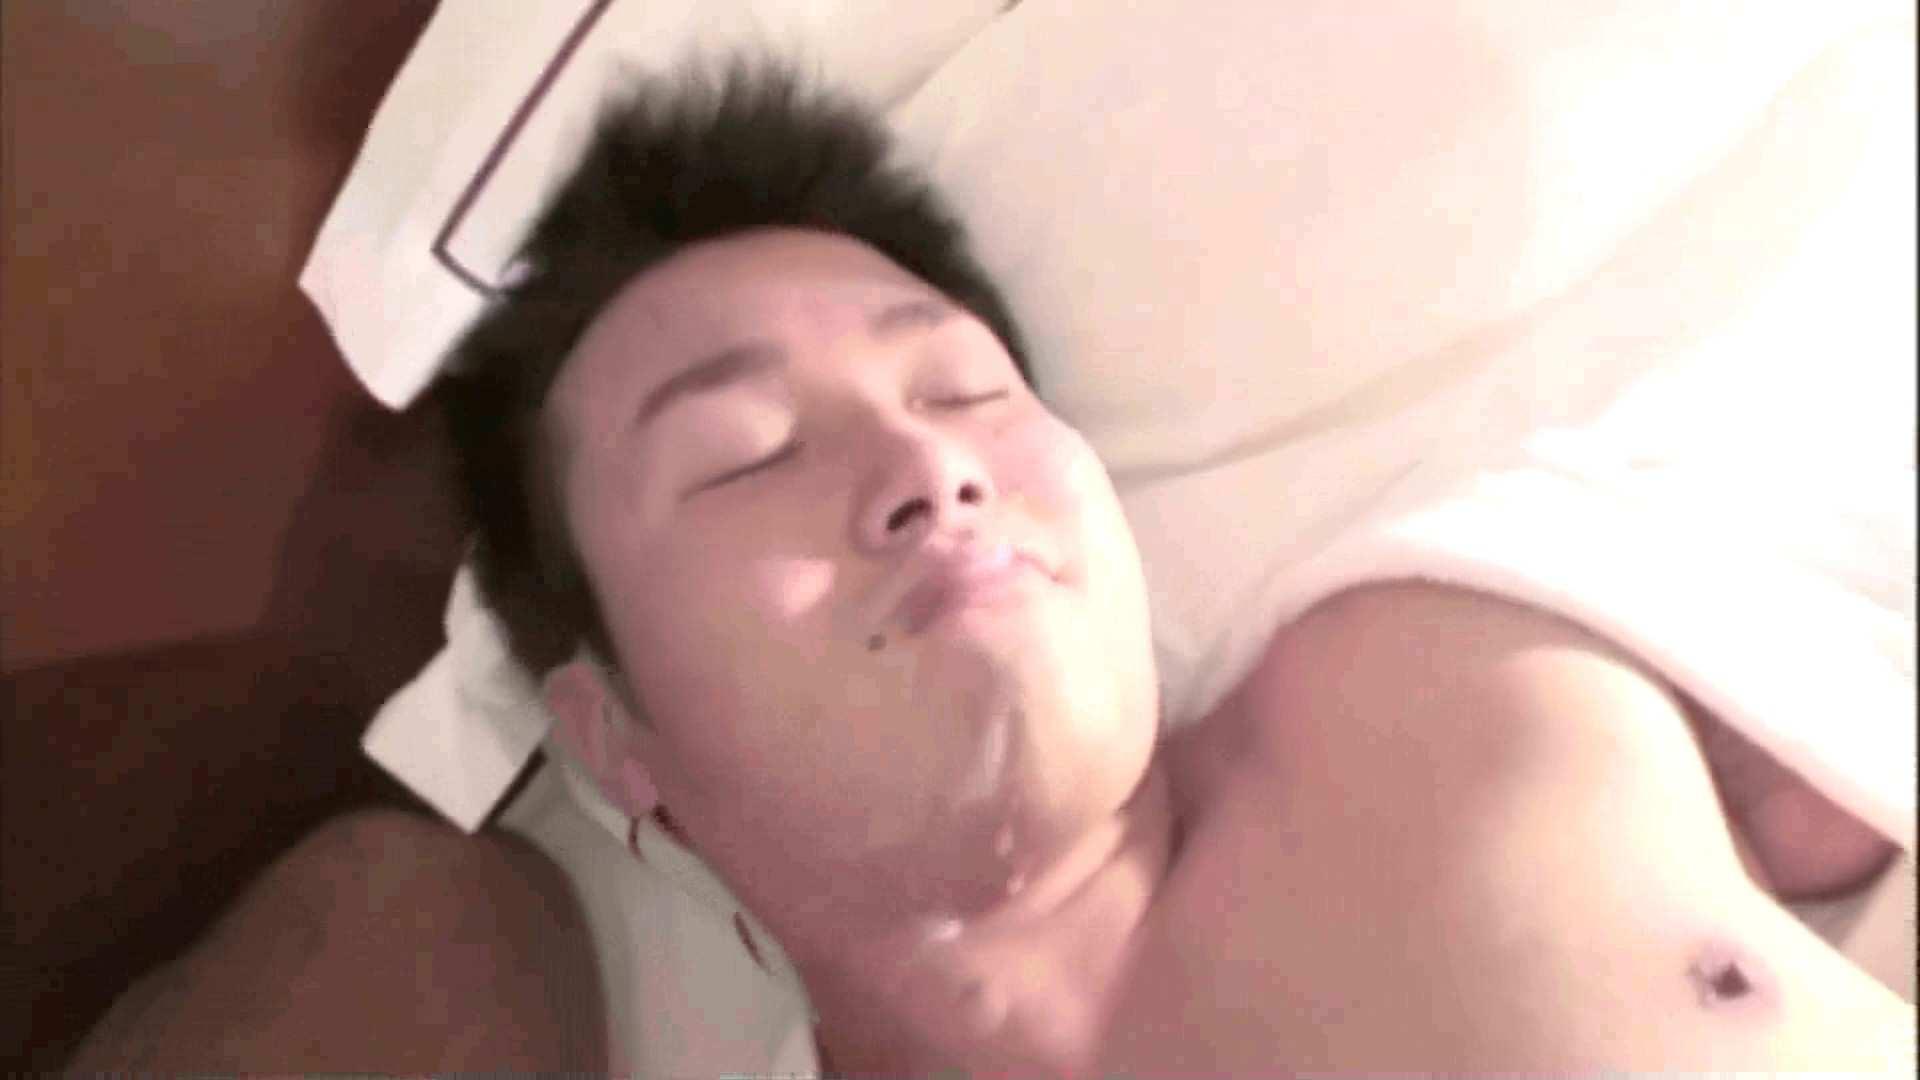 イカせ屋 Vol.08 アナル舐め ゲイ無料エロ画像 68pic 20